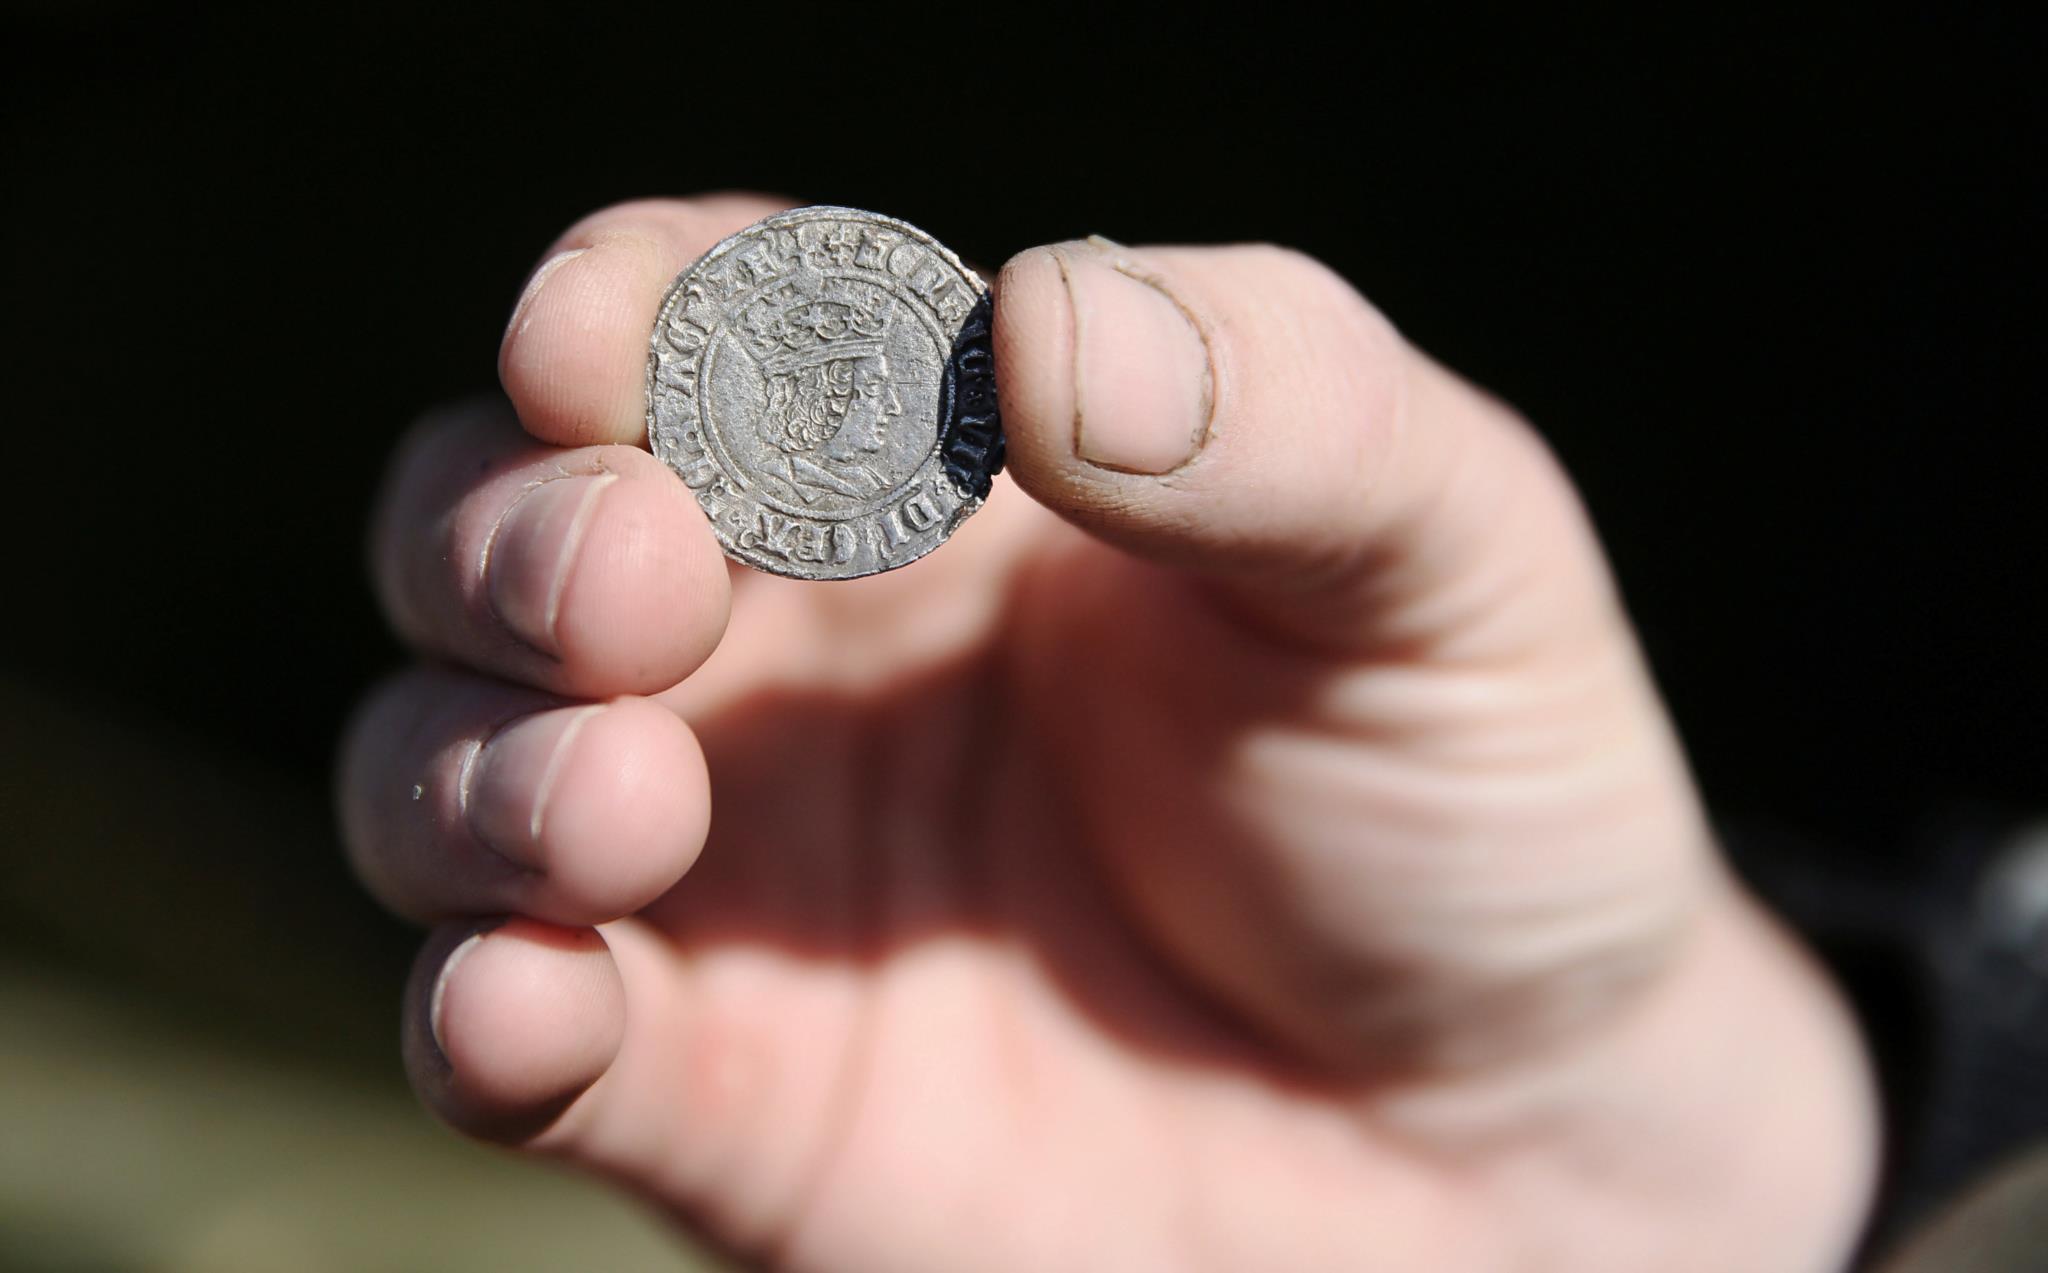 Uma moeda com o rosto de Henrique VII (Rei da Inglaterra de 1485 até sua morte), retirada das margens do Tamisa